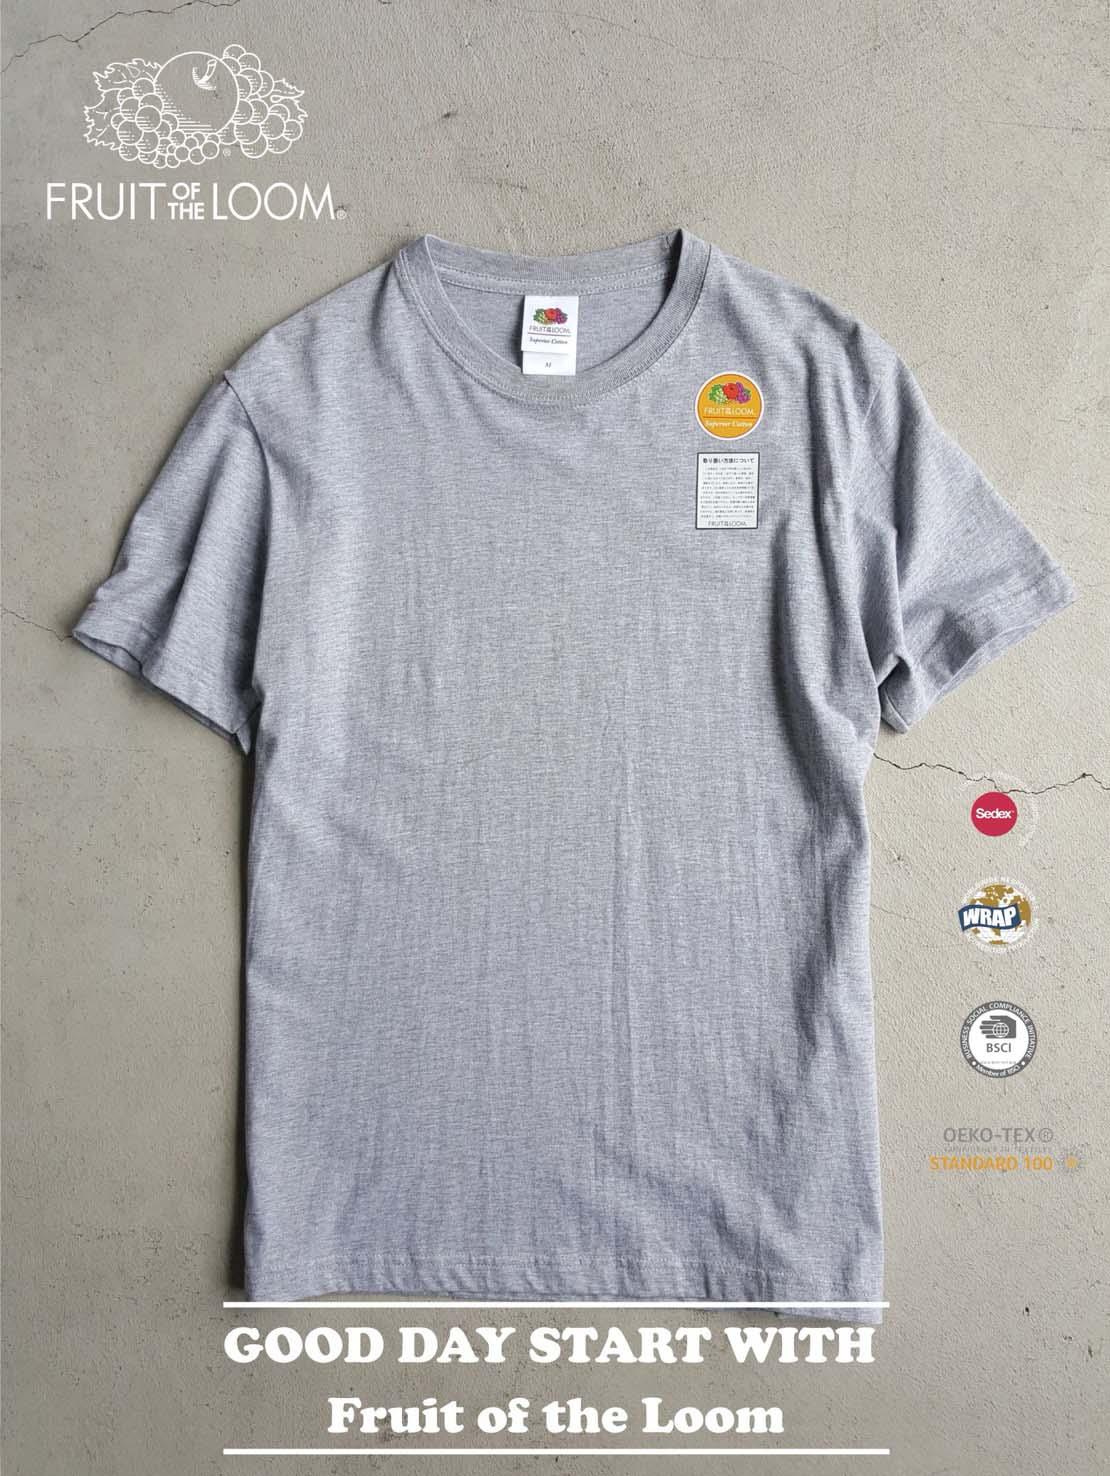 FRUIT OF THE LOOM 水果牌 - FL1850 美國純棉 5.3oz 高磅數 短T 素T (灰色GY)